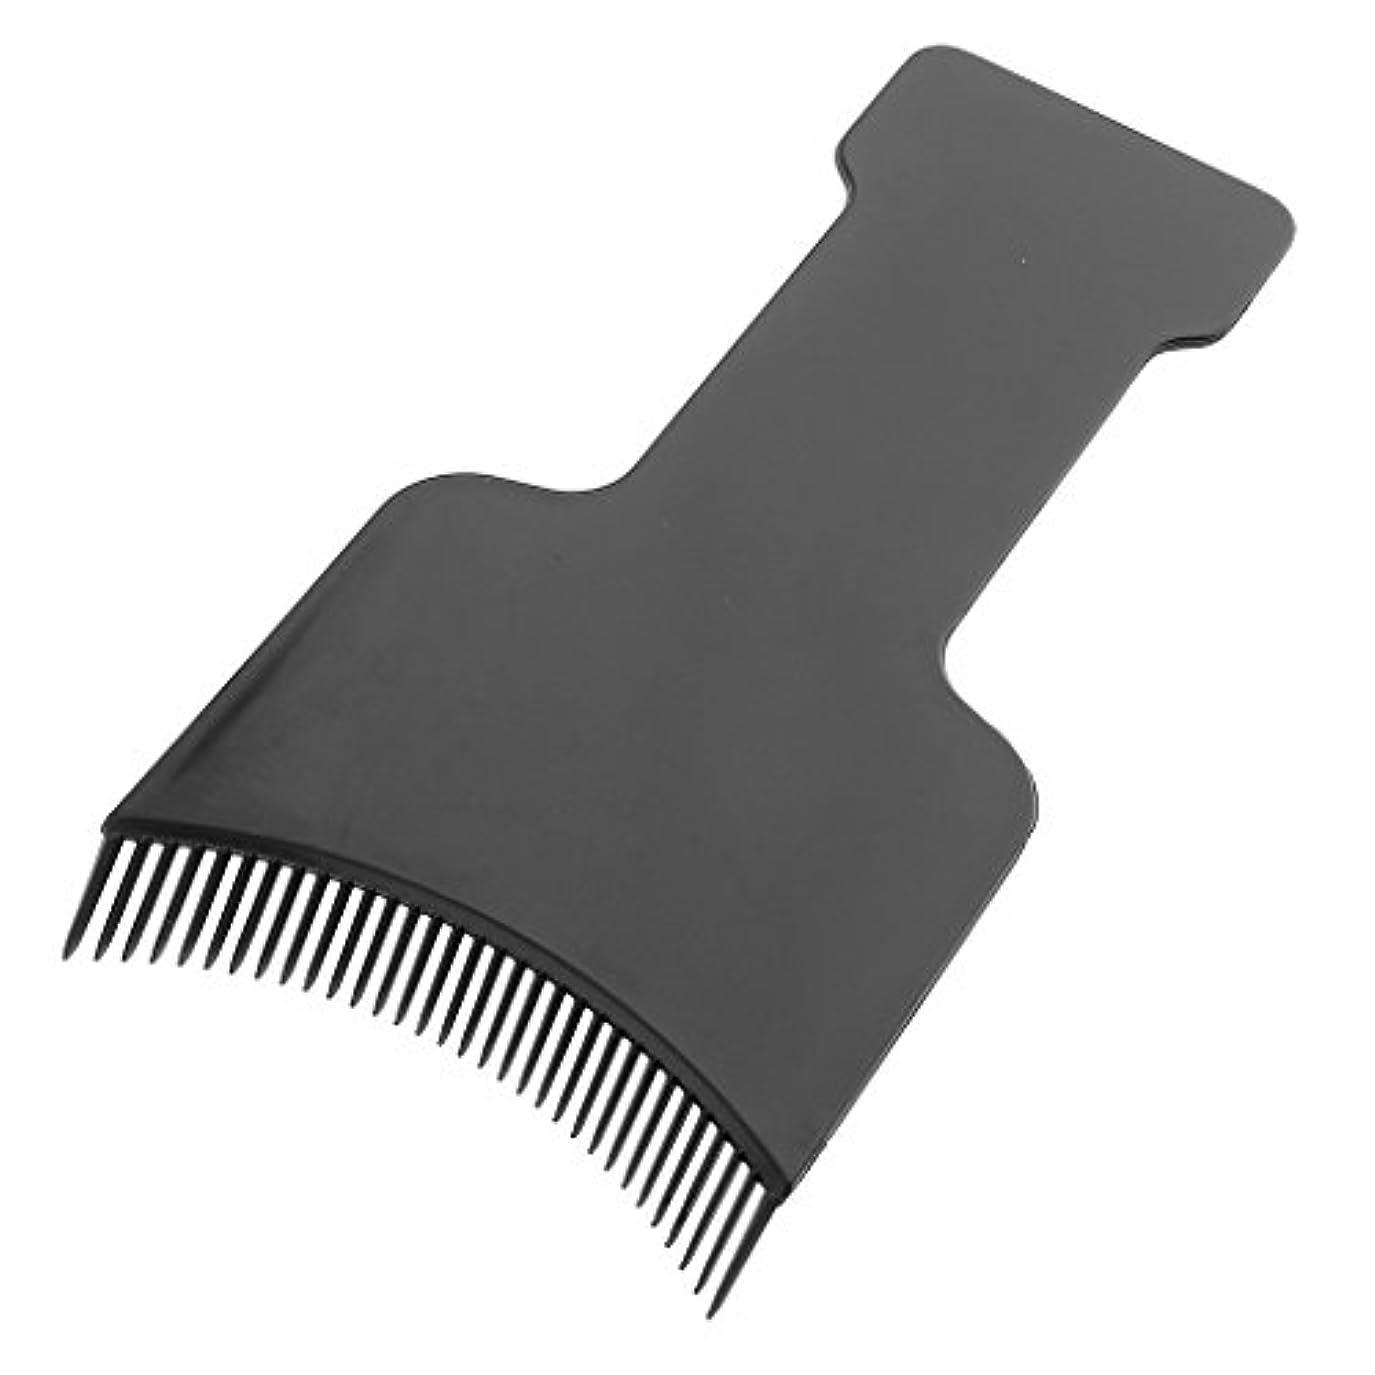 しっかり表面展示会ヘアカラーボード サロン ヘアカラー 美容 ヘア ツール 髪 保護 ブラック 全4サイズ - S